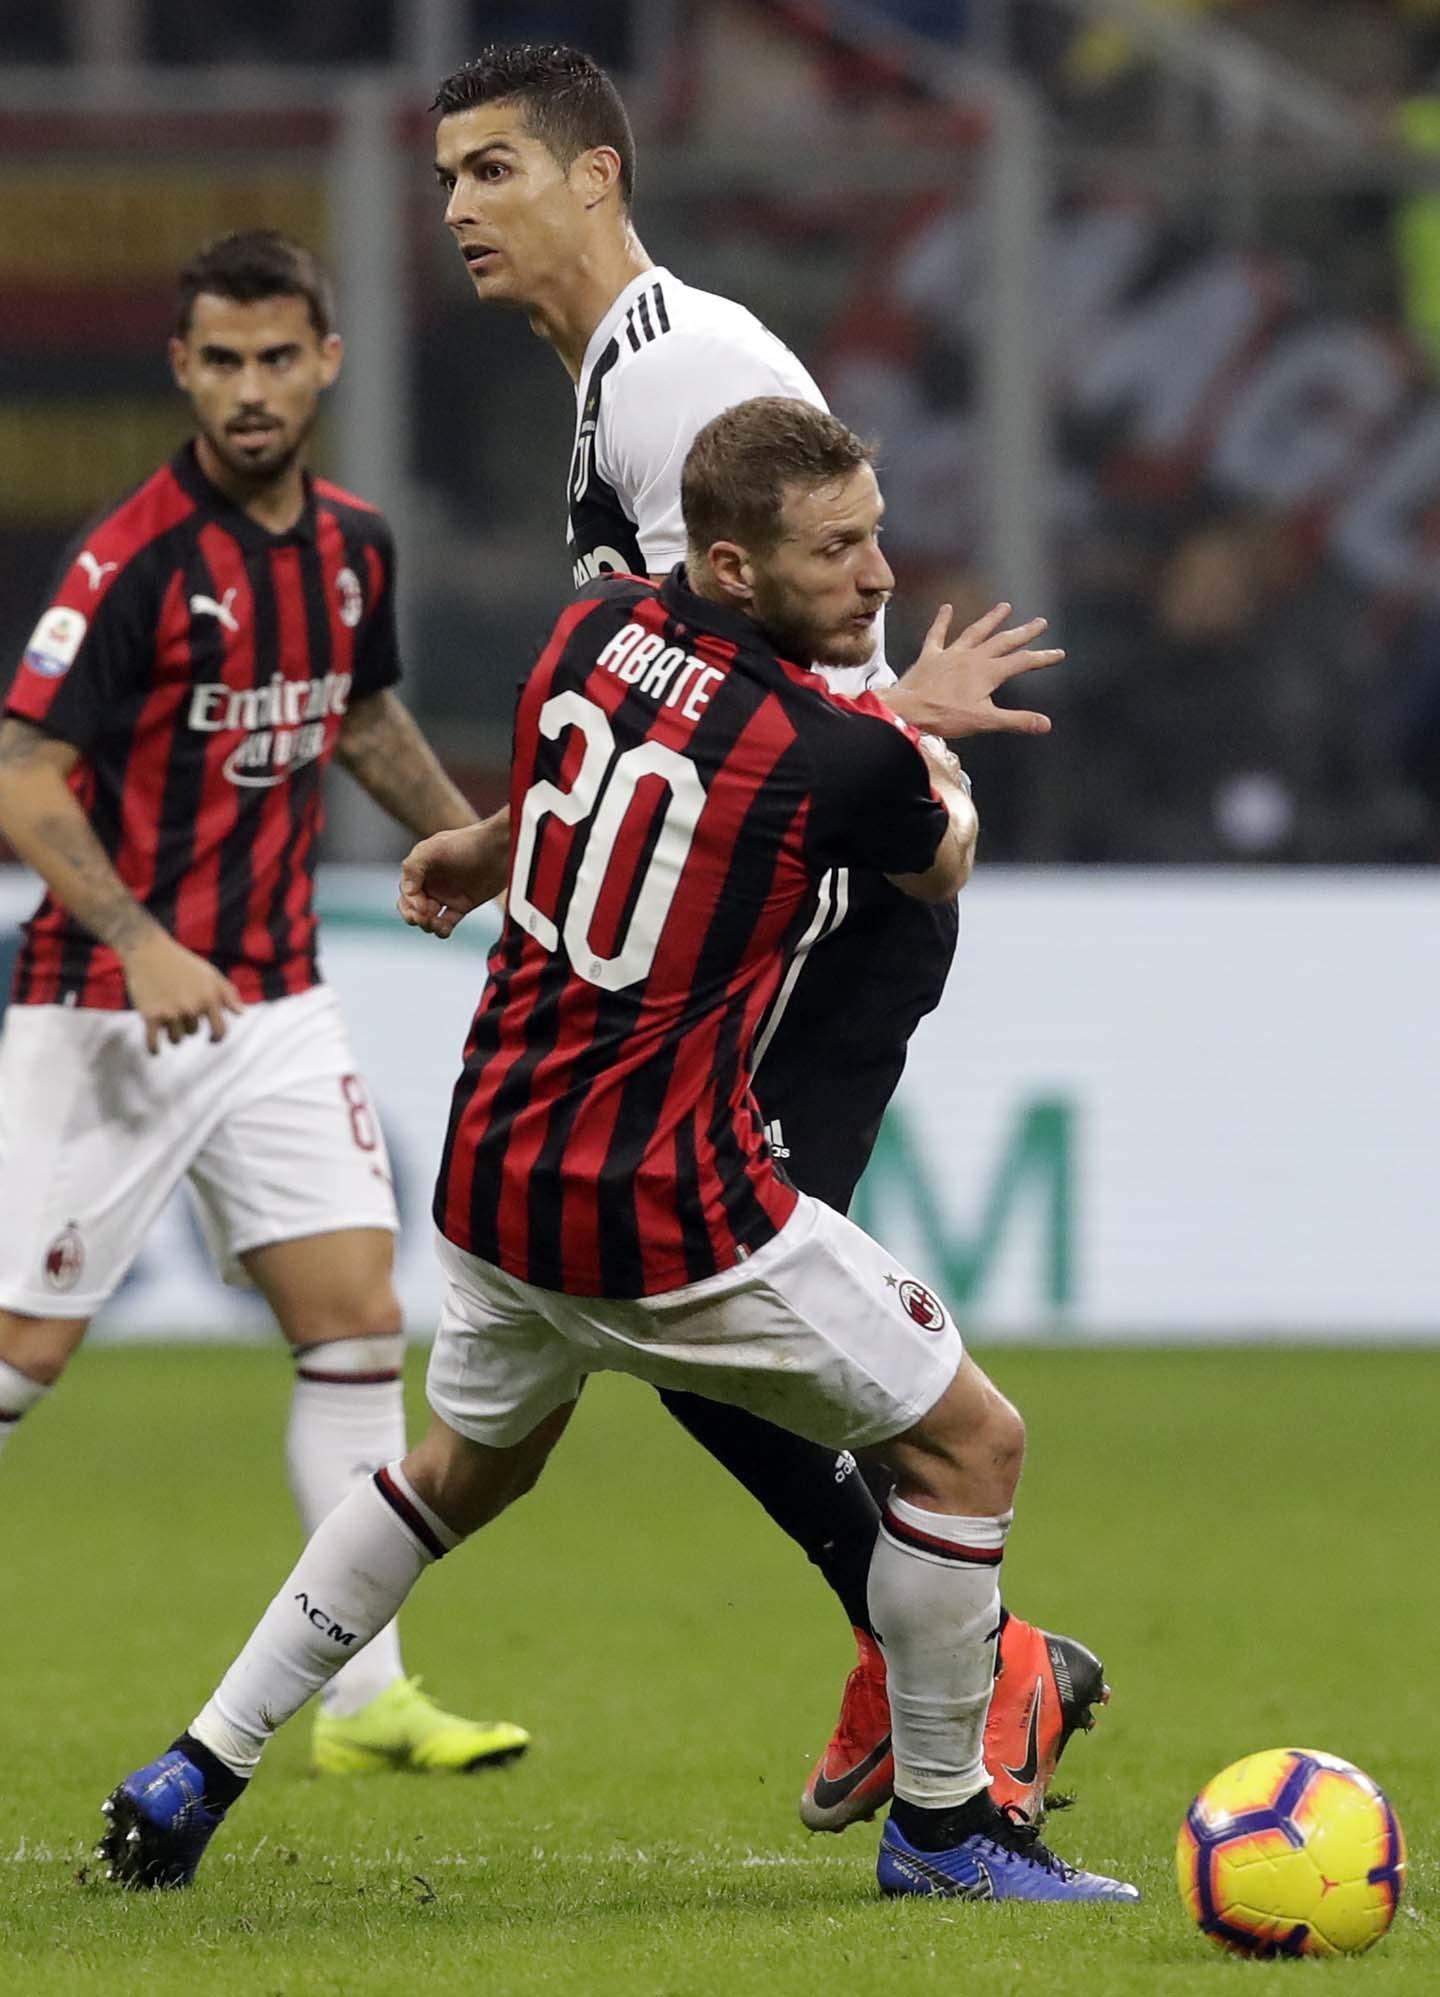 Ronaldo ends San Siro hoodoo as Juventus beat Milan 2-0